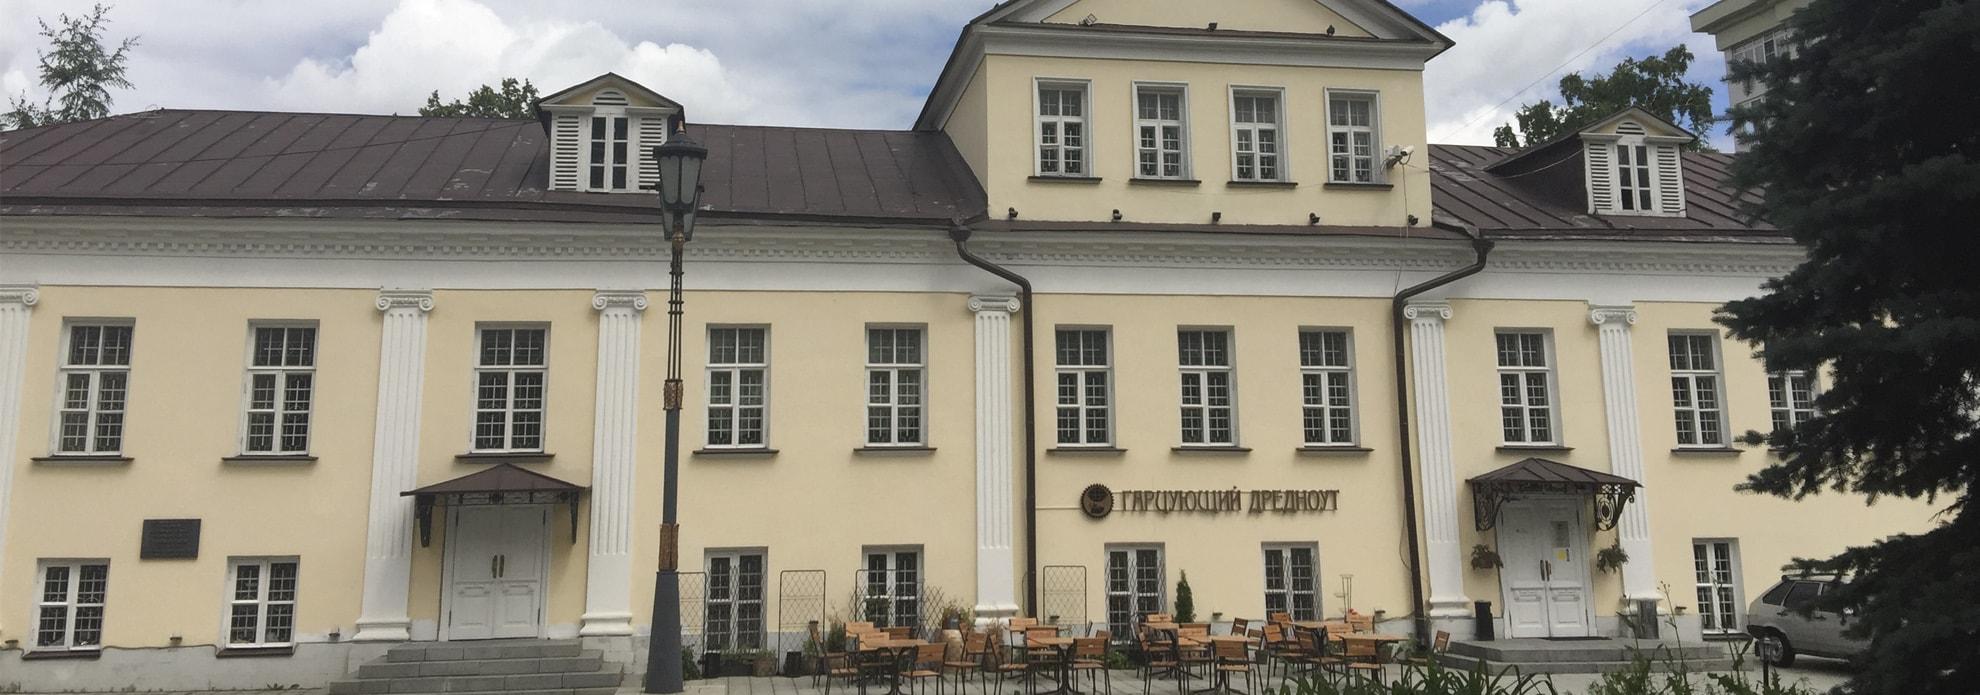 Согласование вывески на здании памятнике архитектуры